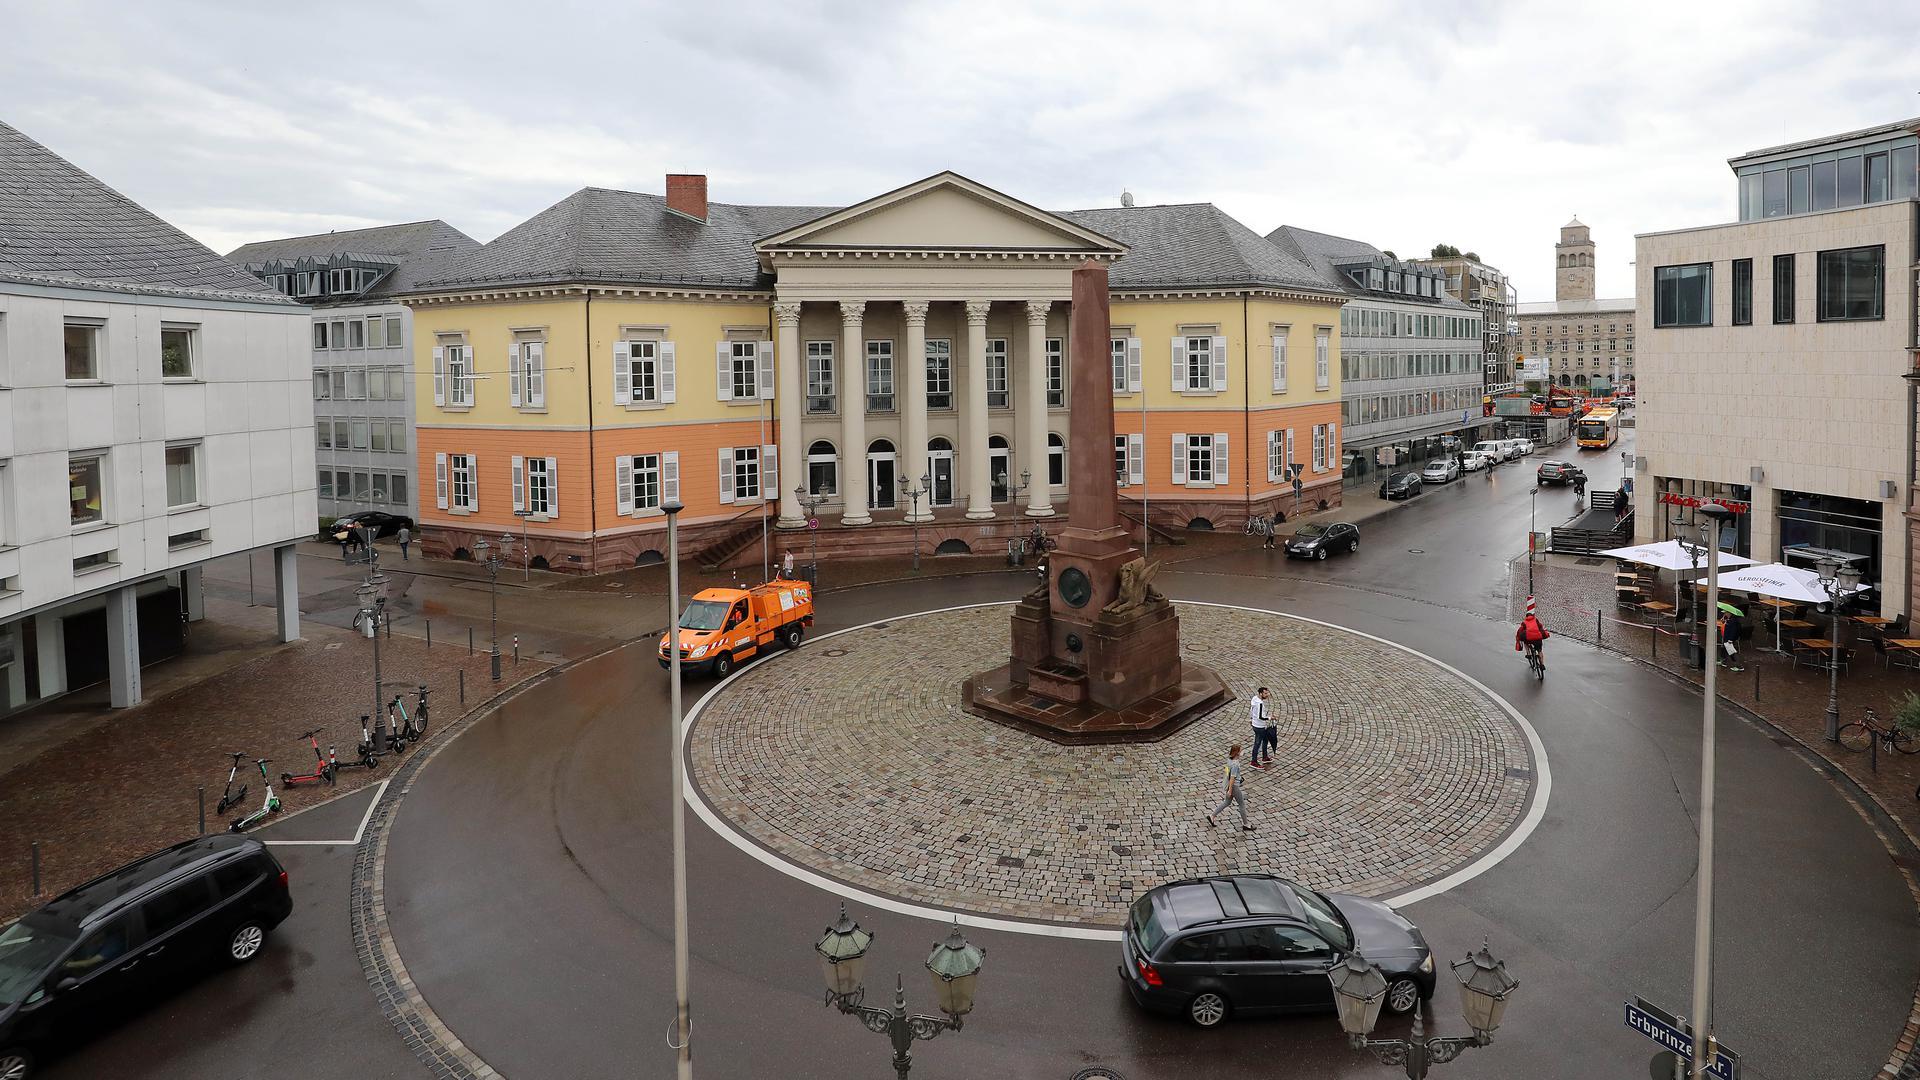 Markgräfliches Palais am Rondellplatz